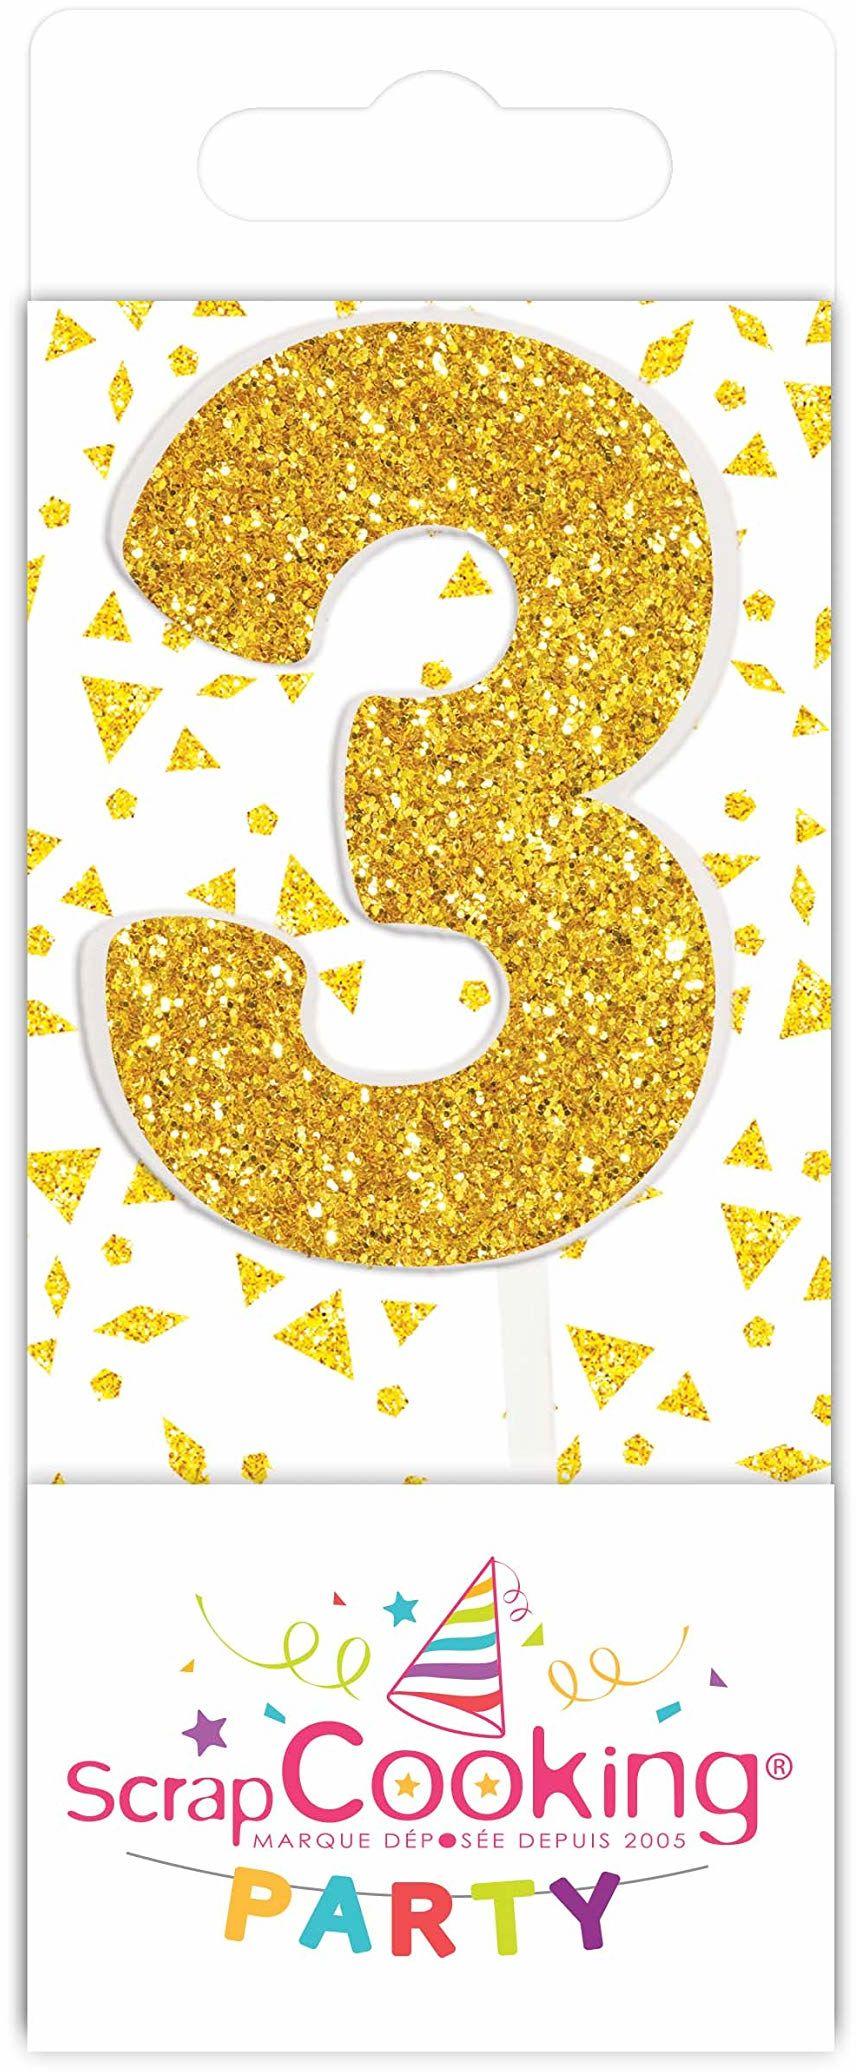 Scrapcooking 0593 mini świeca, kolor złoty